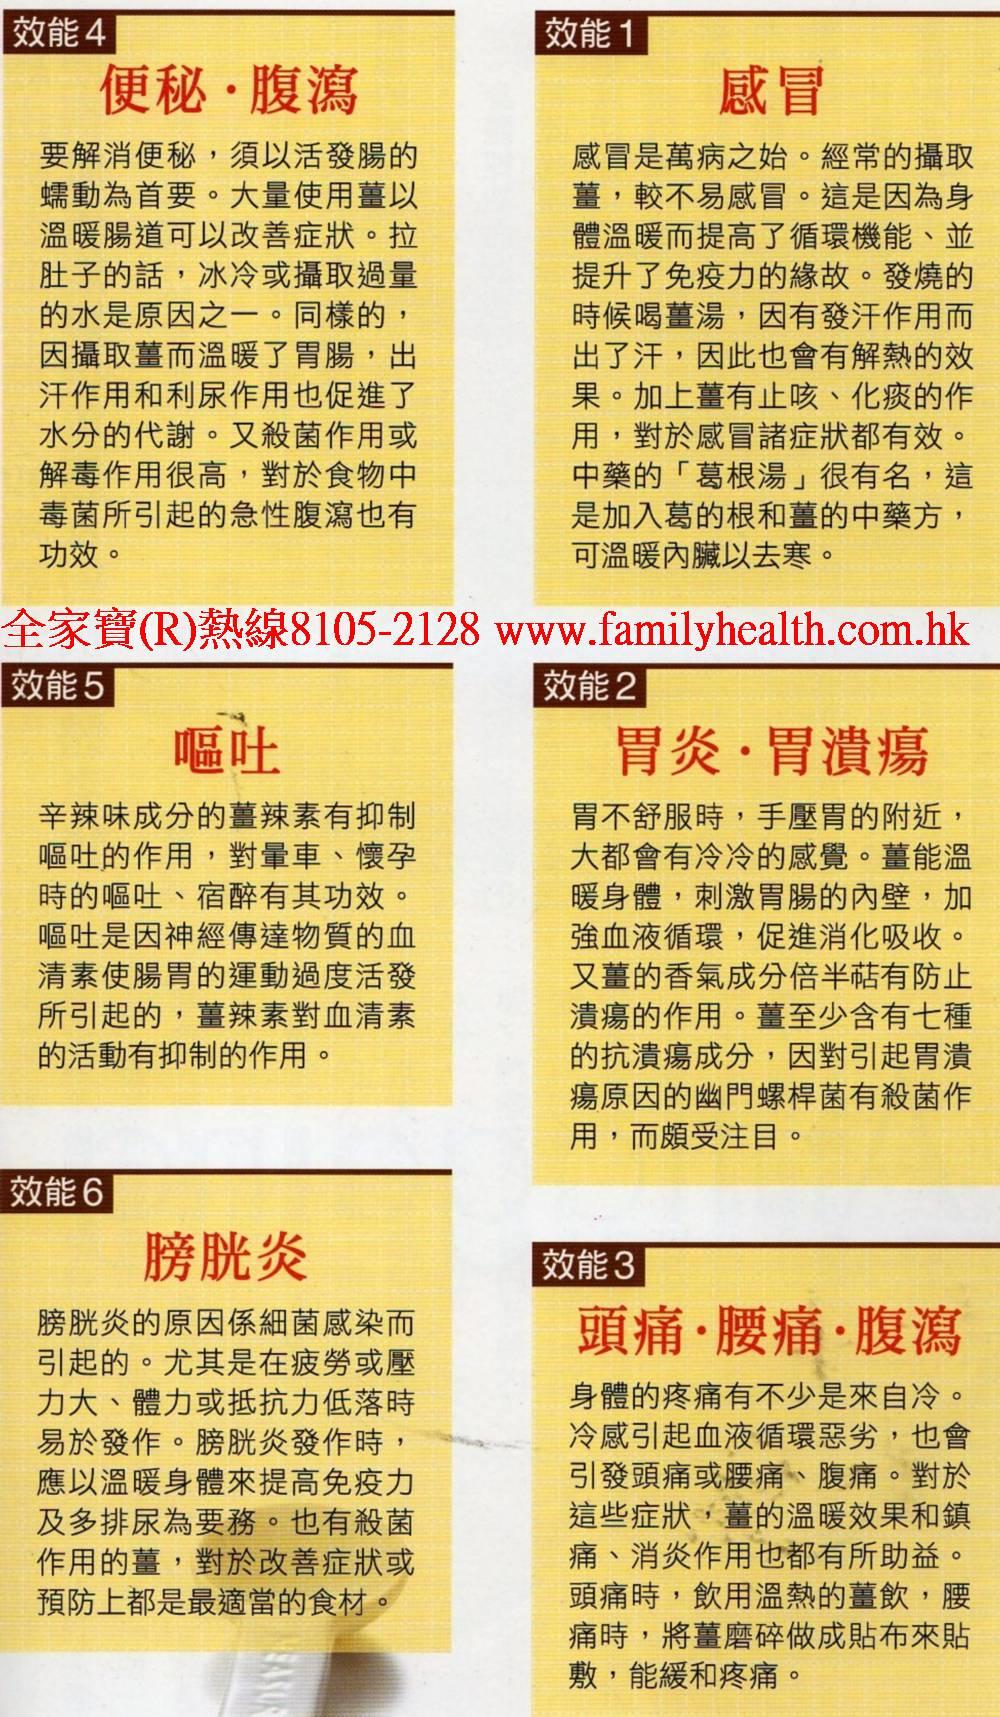 http://www.familyhealth.com.hk/files/full/632_3.jpg